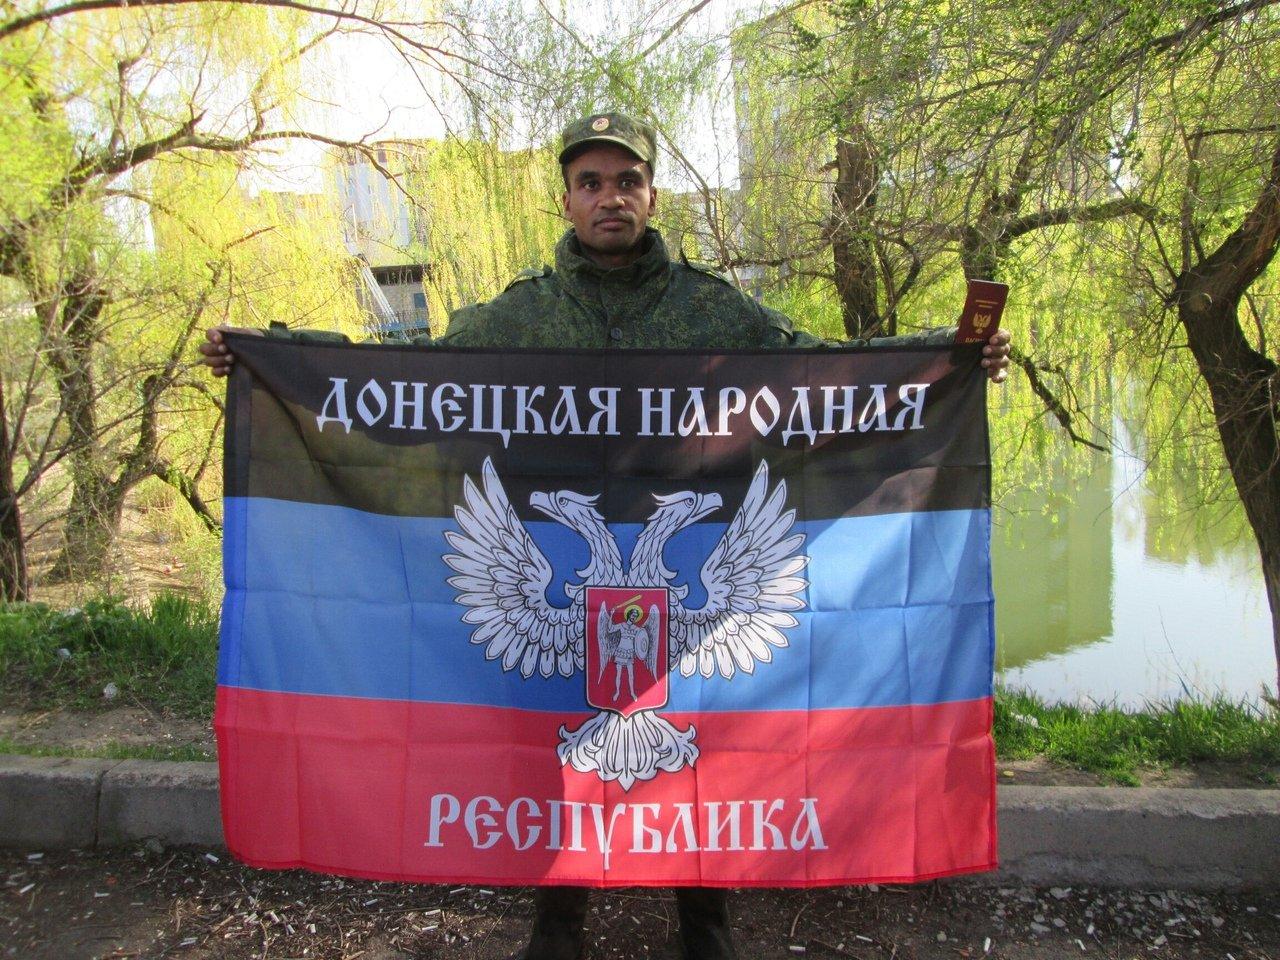 Ополченец о ситуации в Донбассе: это чудовищное обострение